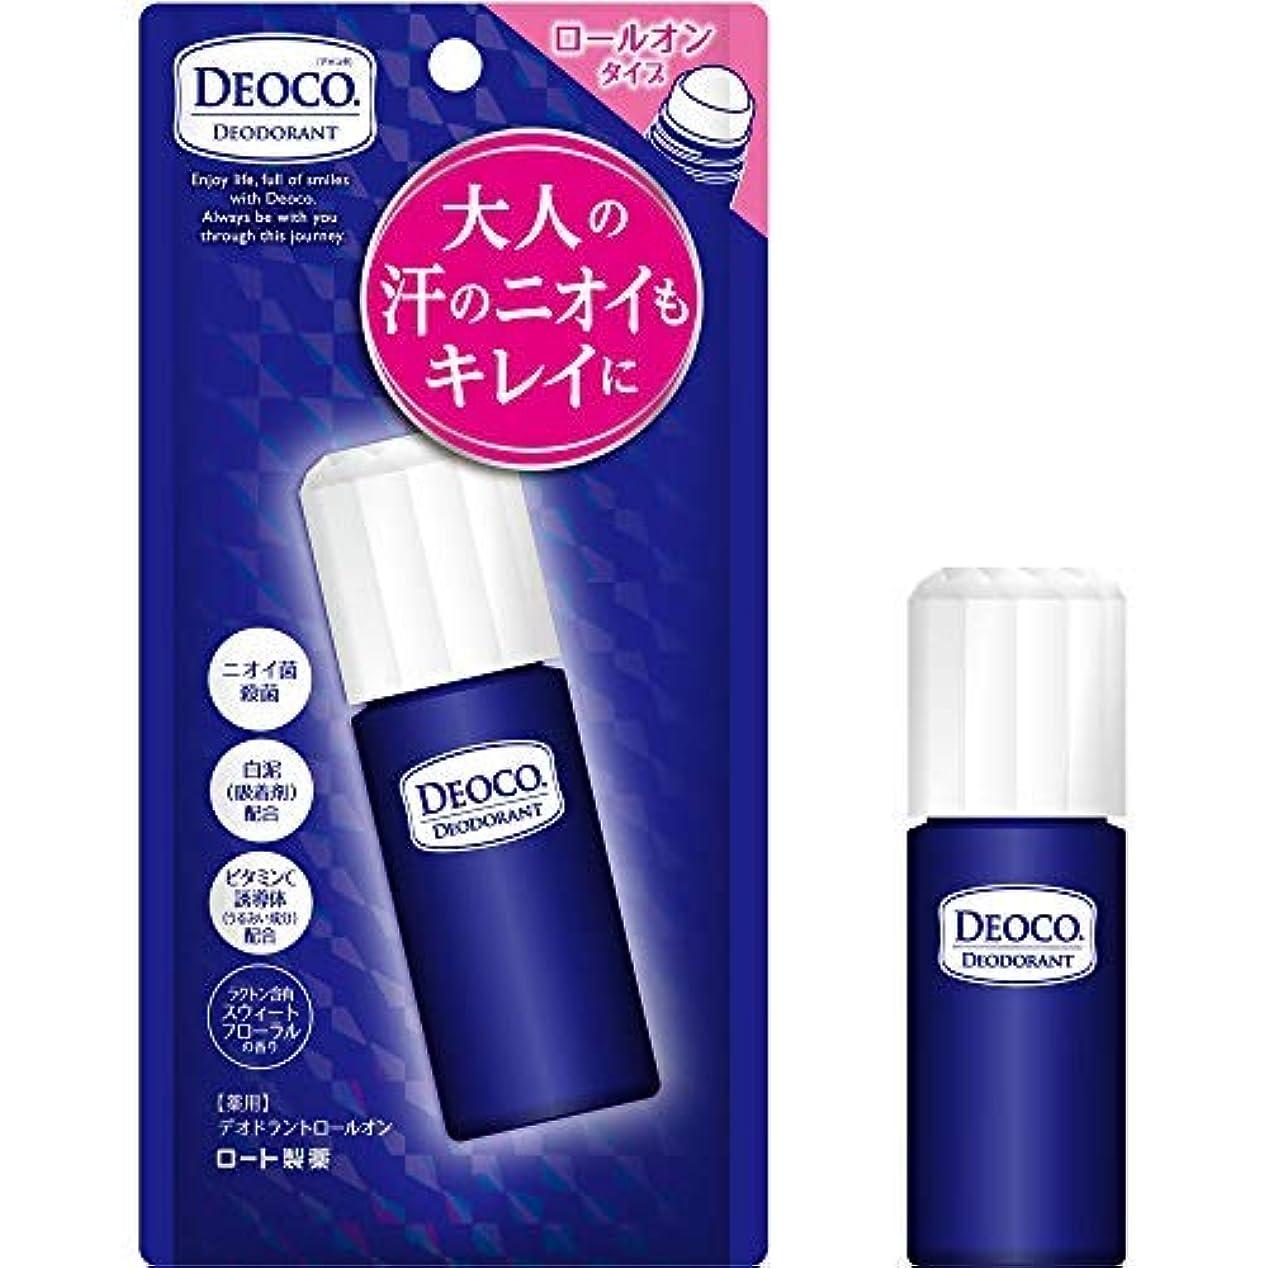 再開香り照らすデオコ 薬用デオドラントロールオン × 7個セット